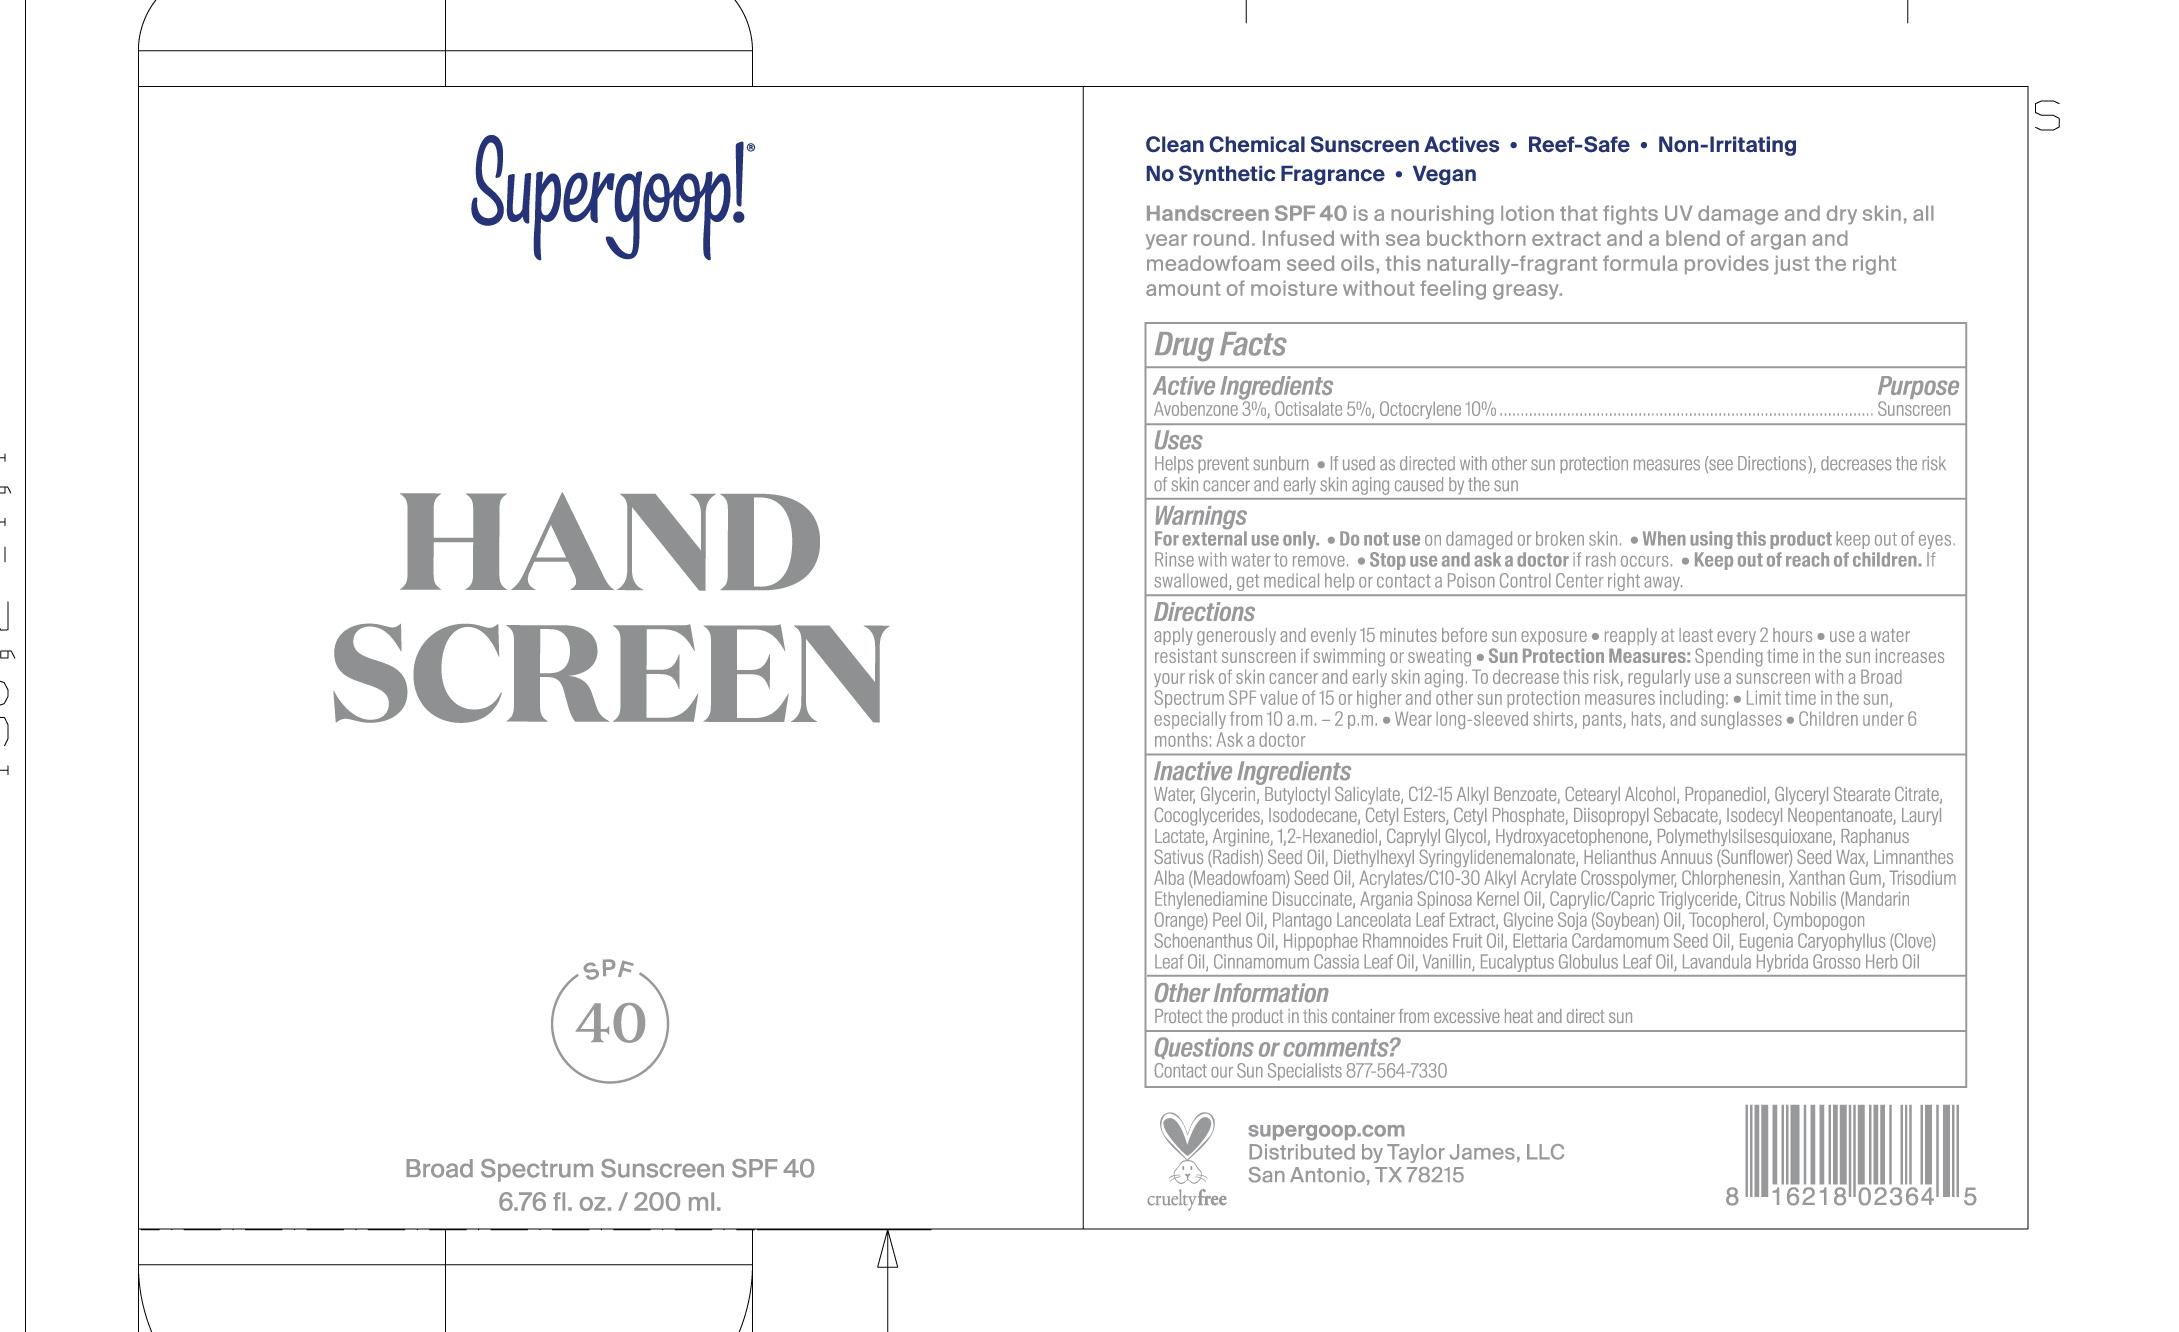 Handscreen SPF 40